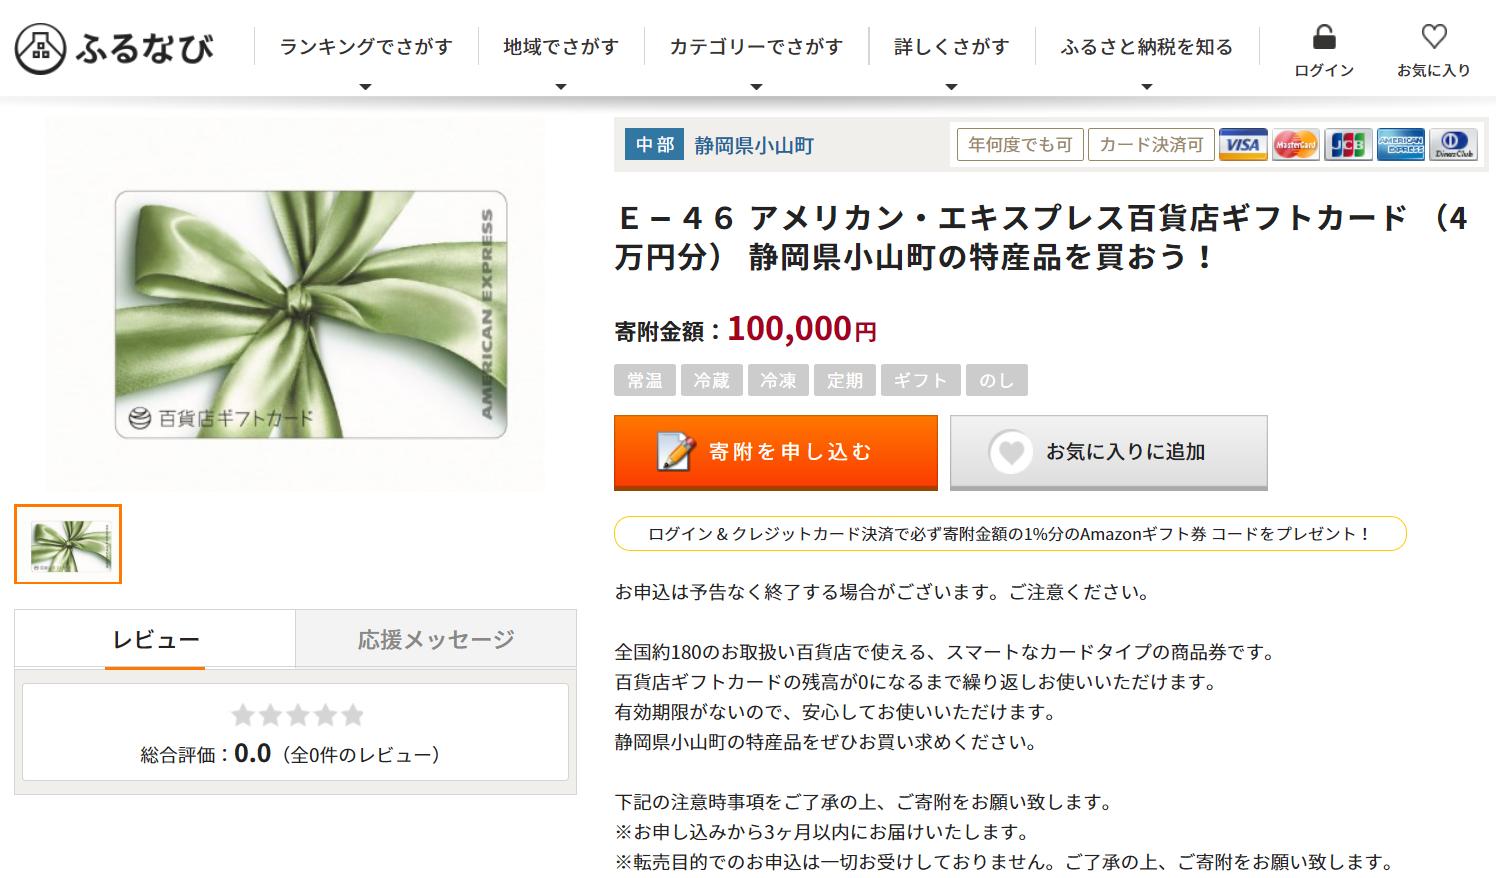 ふるなび、静岡県小山町のお礼の品、アメリカン・エキスプレス百貨店ギフトカード。10万円の寄付で4万円分のギフトカードが送られてくる。